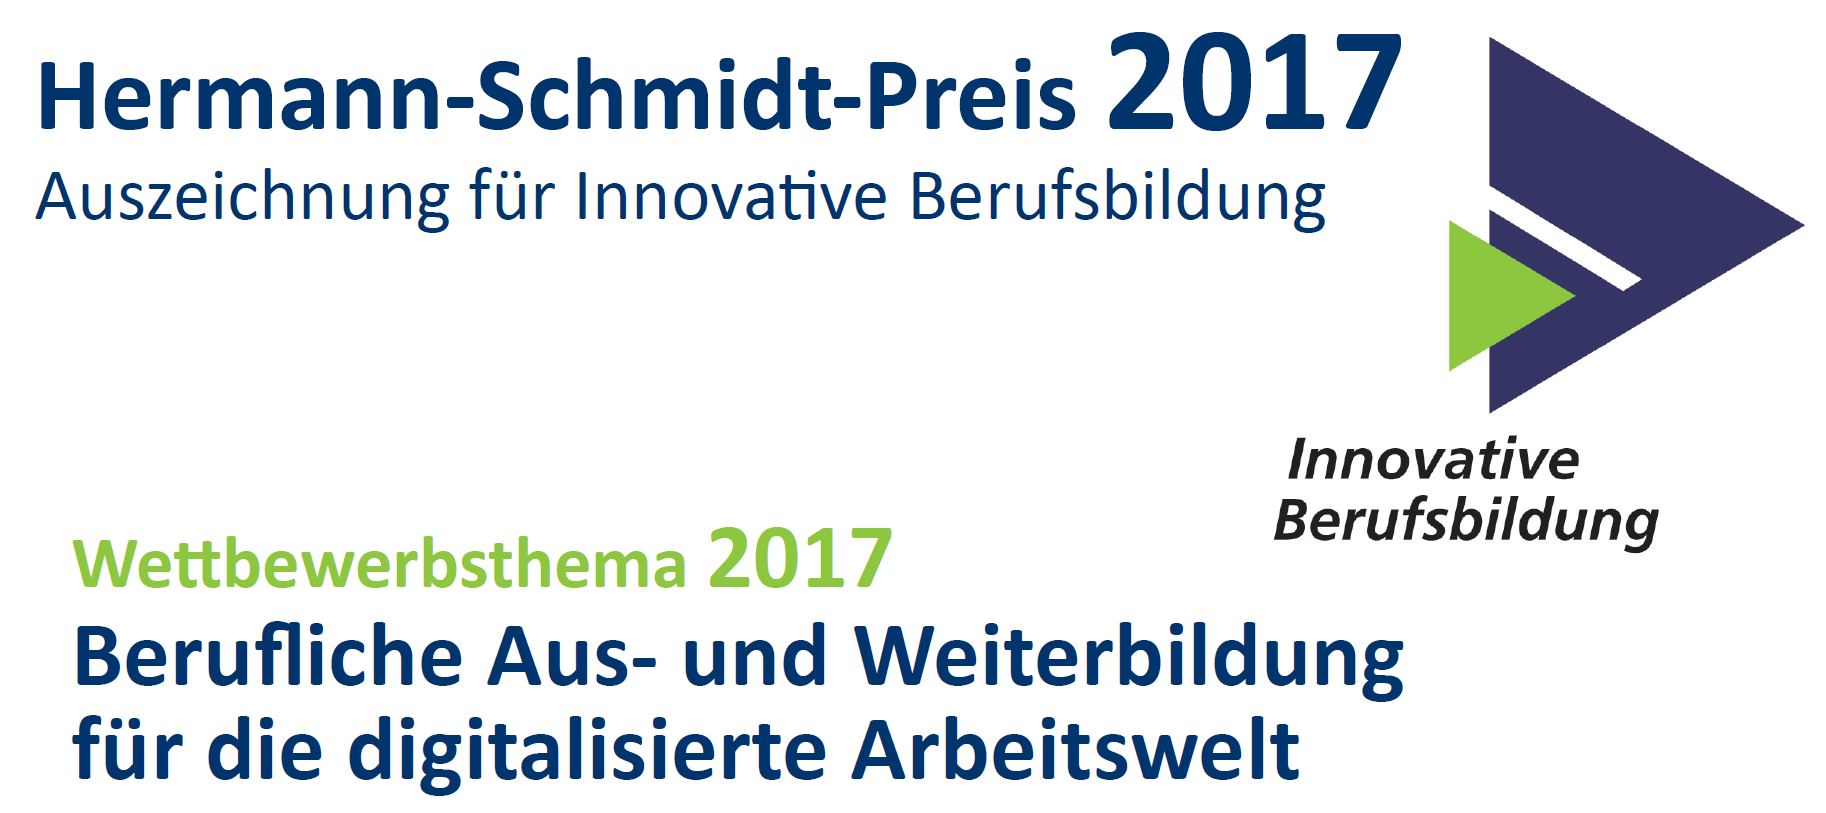 Preis für innovative Berufsbildung 2017